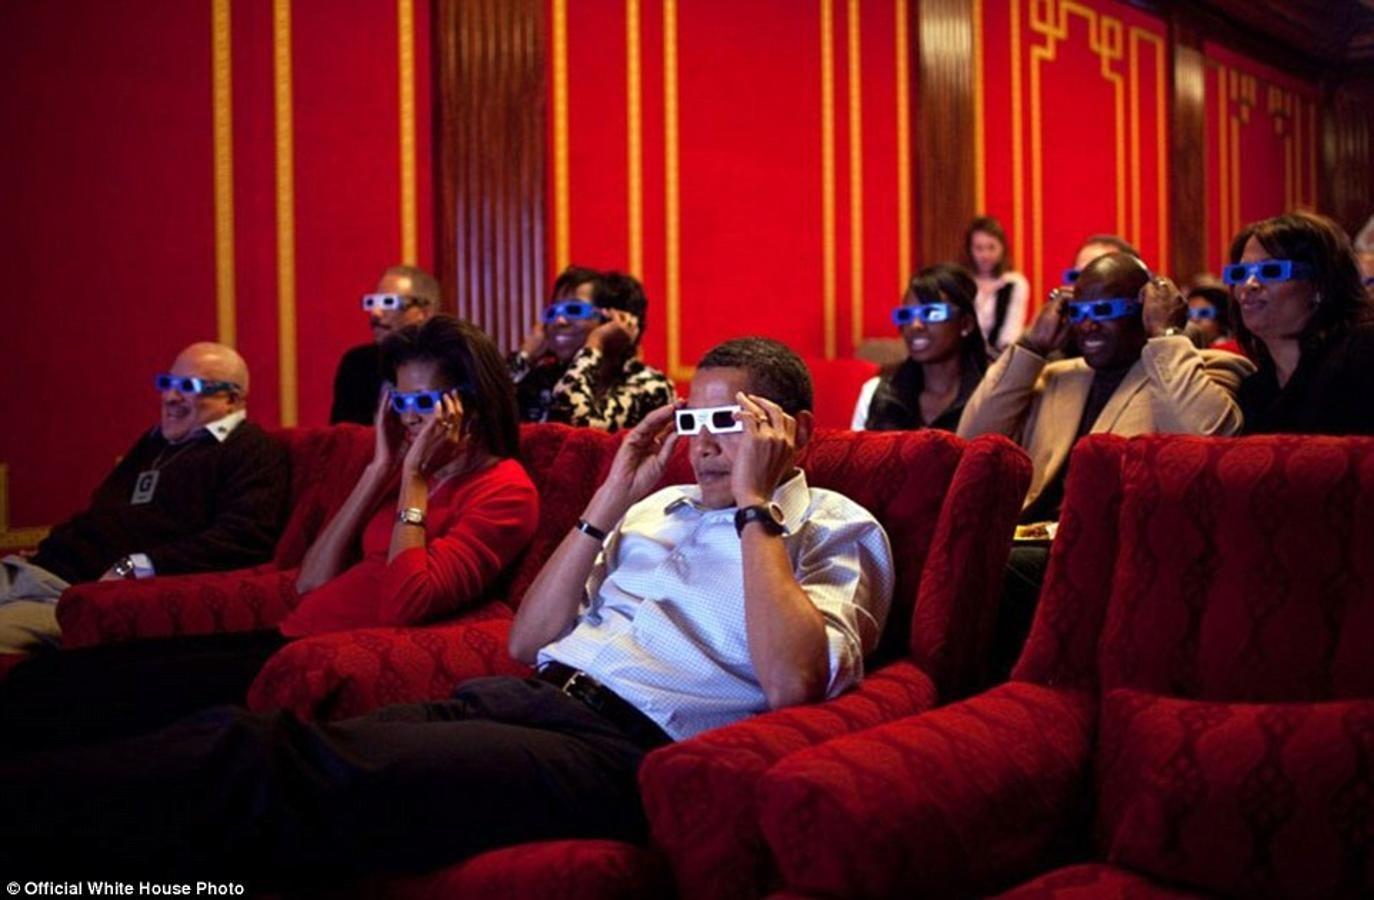 El fotógrafo de la Casa Blanca publicó las mejores fotos de Obama